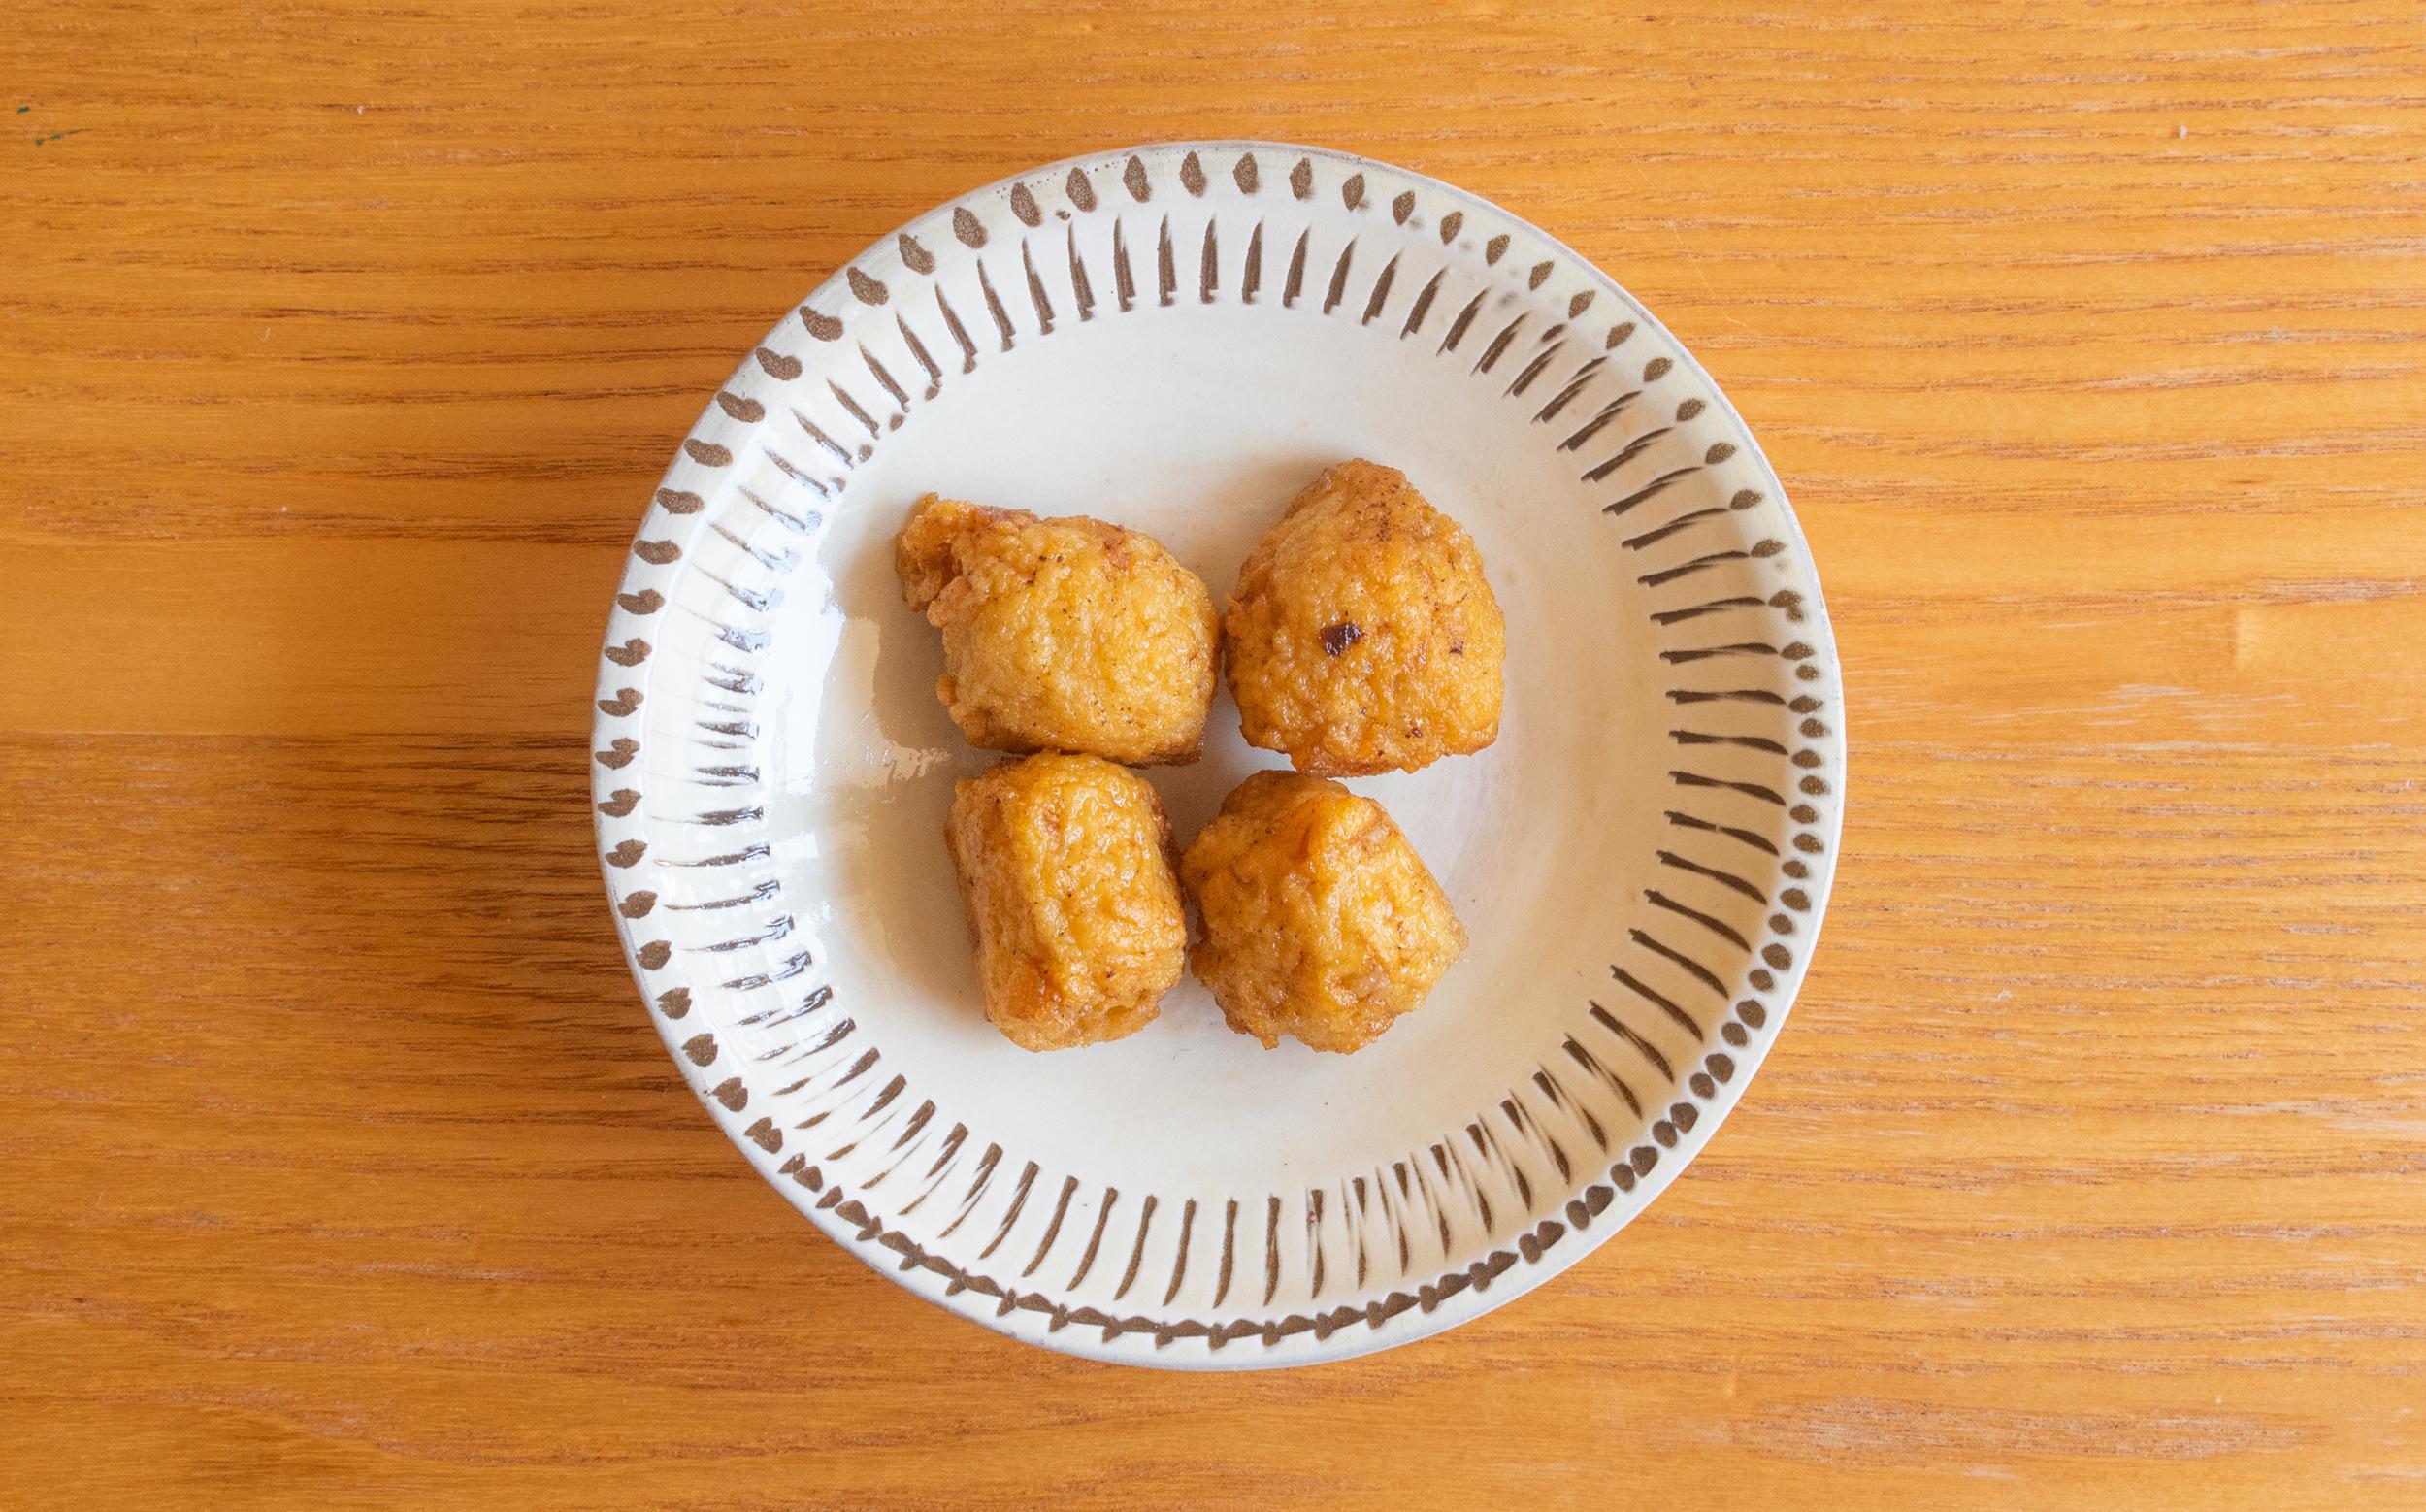 増田屋蒲鉾店(葛飾区 鎌倉) おでん種:カレーボール